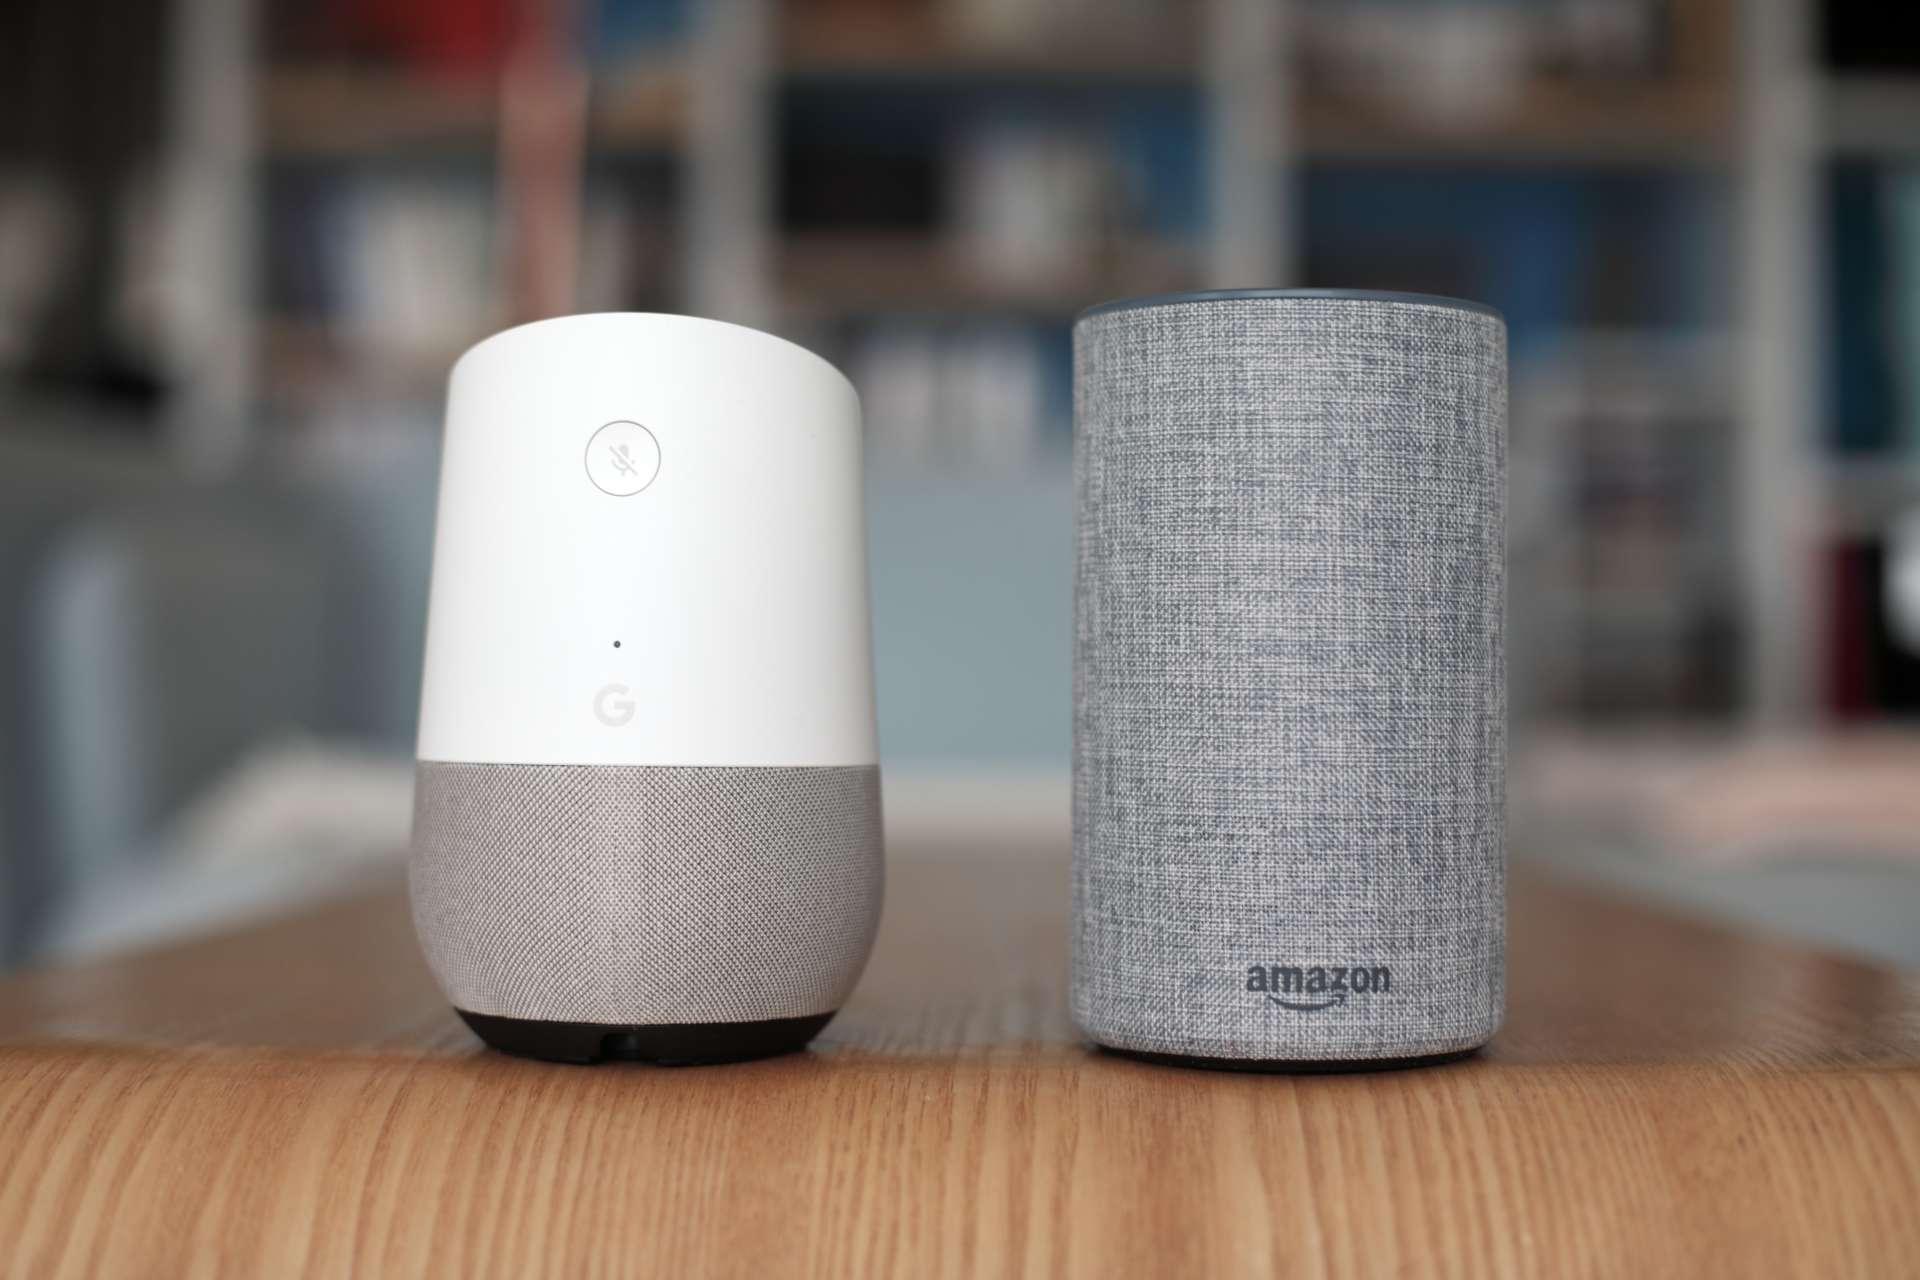 Les enceintes Google Home et Amazon Echo, un peu plus volumineuses qu'une canette de soda.